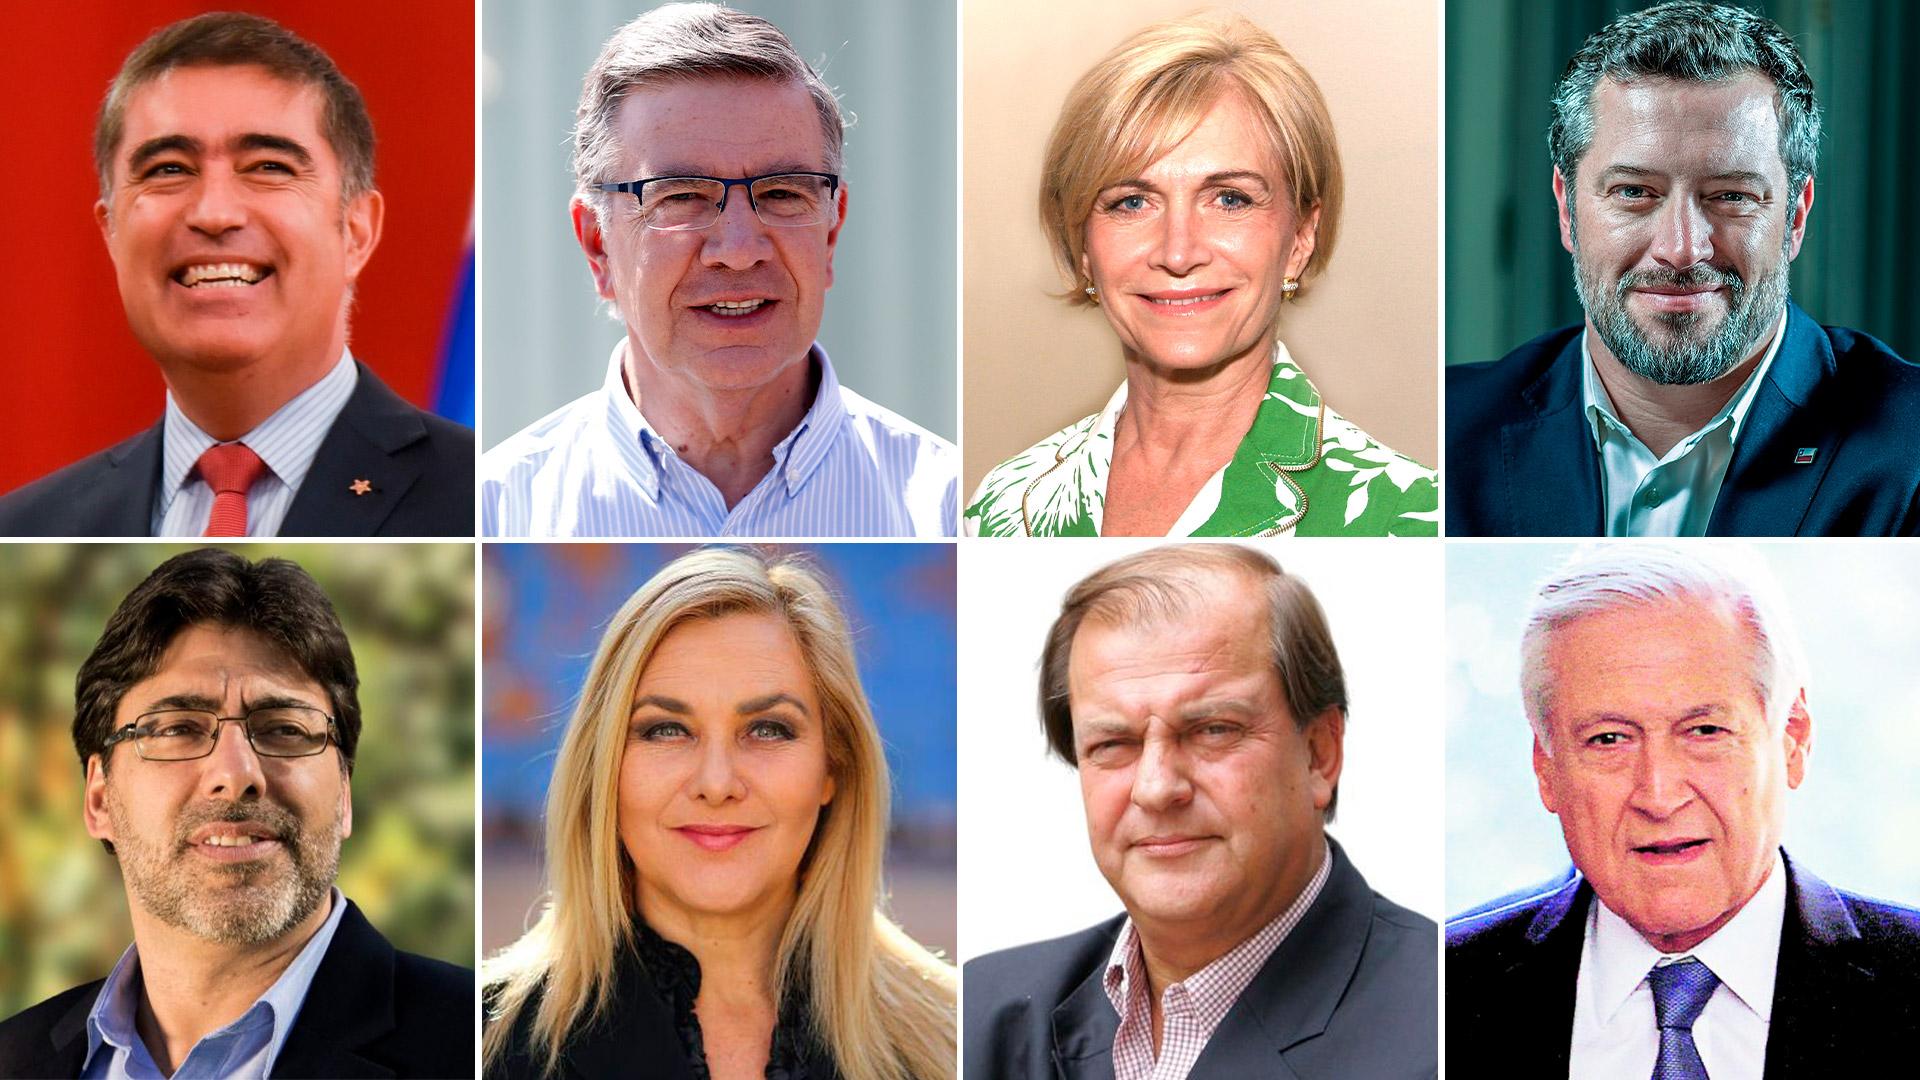 Comenzó la carrera presidencial en Chile: quiénes son los candidatos en la línea de largada - Infobae